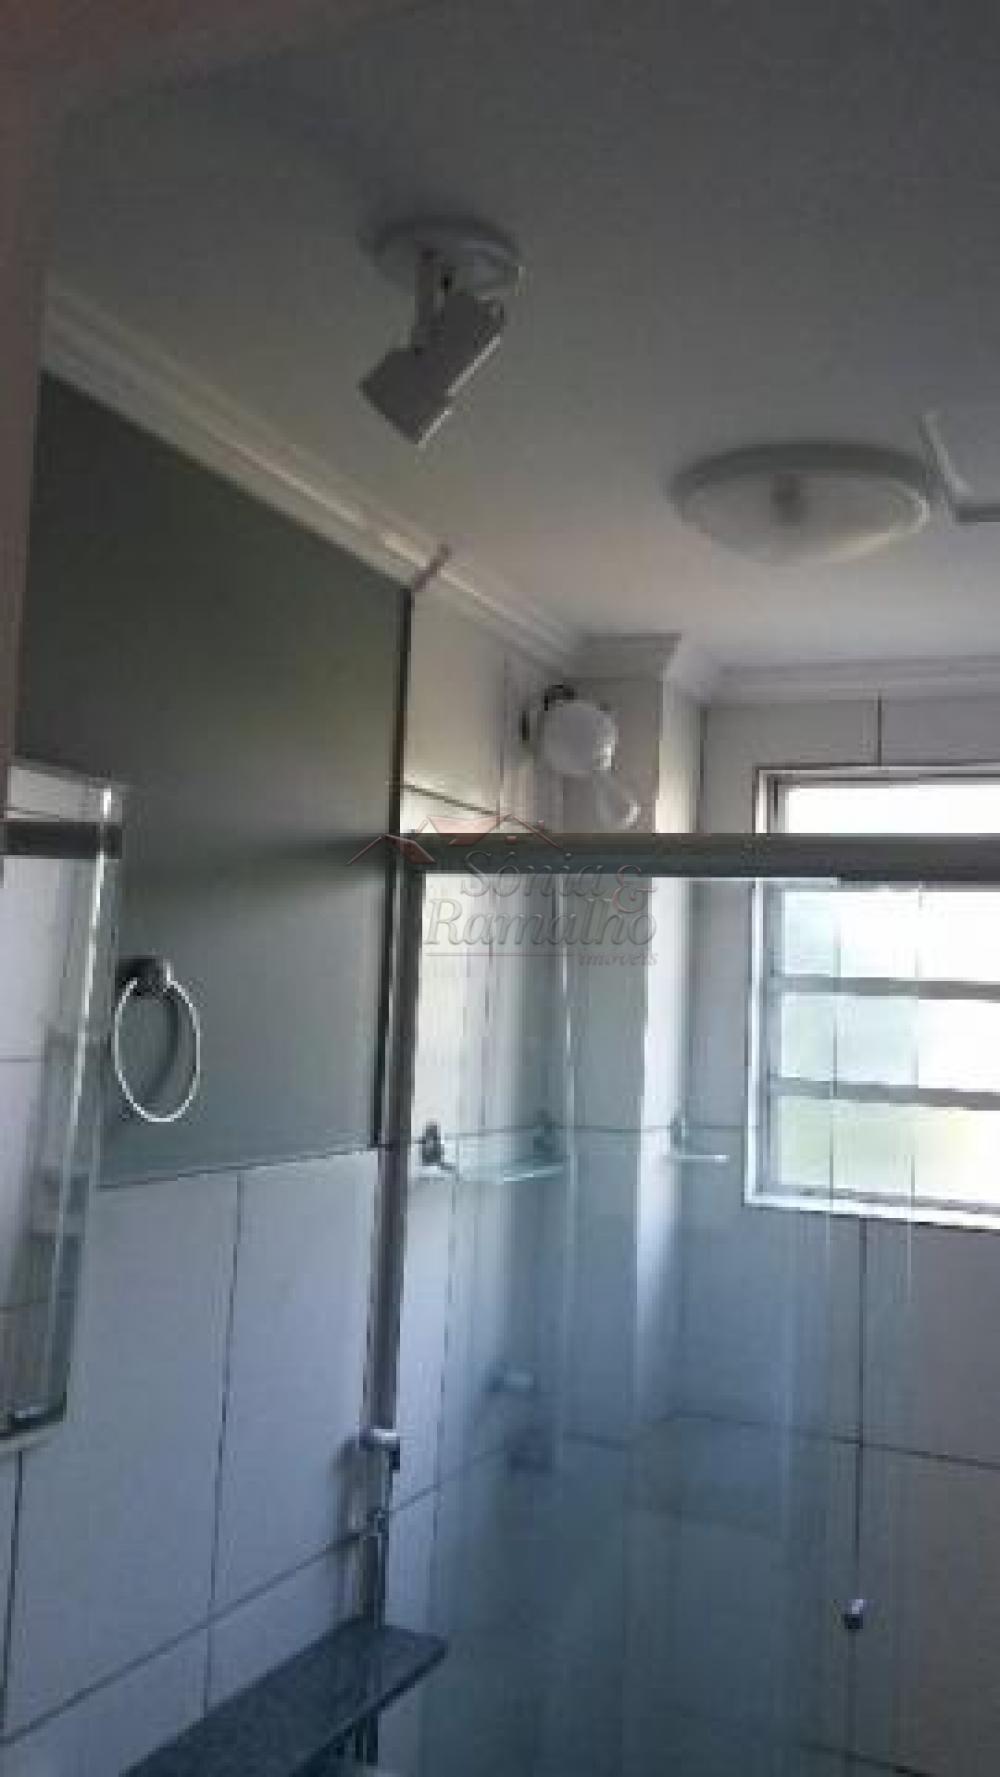 Comprar Apartamentos / Padrão em Ribeirão Preto apenas R$ 149.000,00 - Foto 6